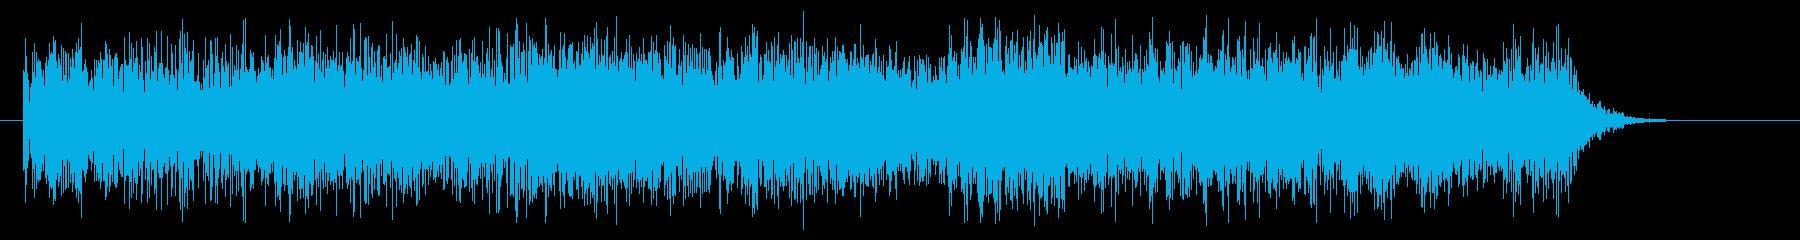 ヘヴィーメタル クールなキメのフレーズの再生済みの波形